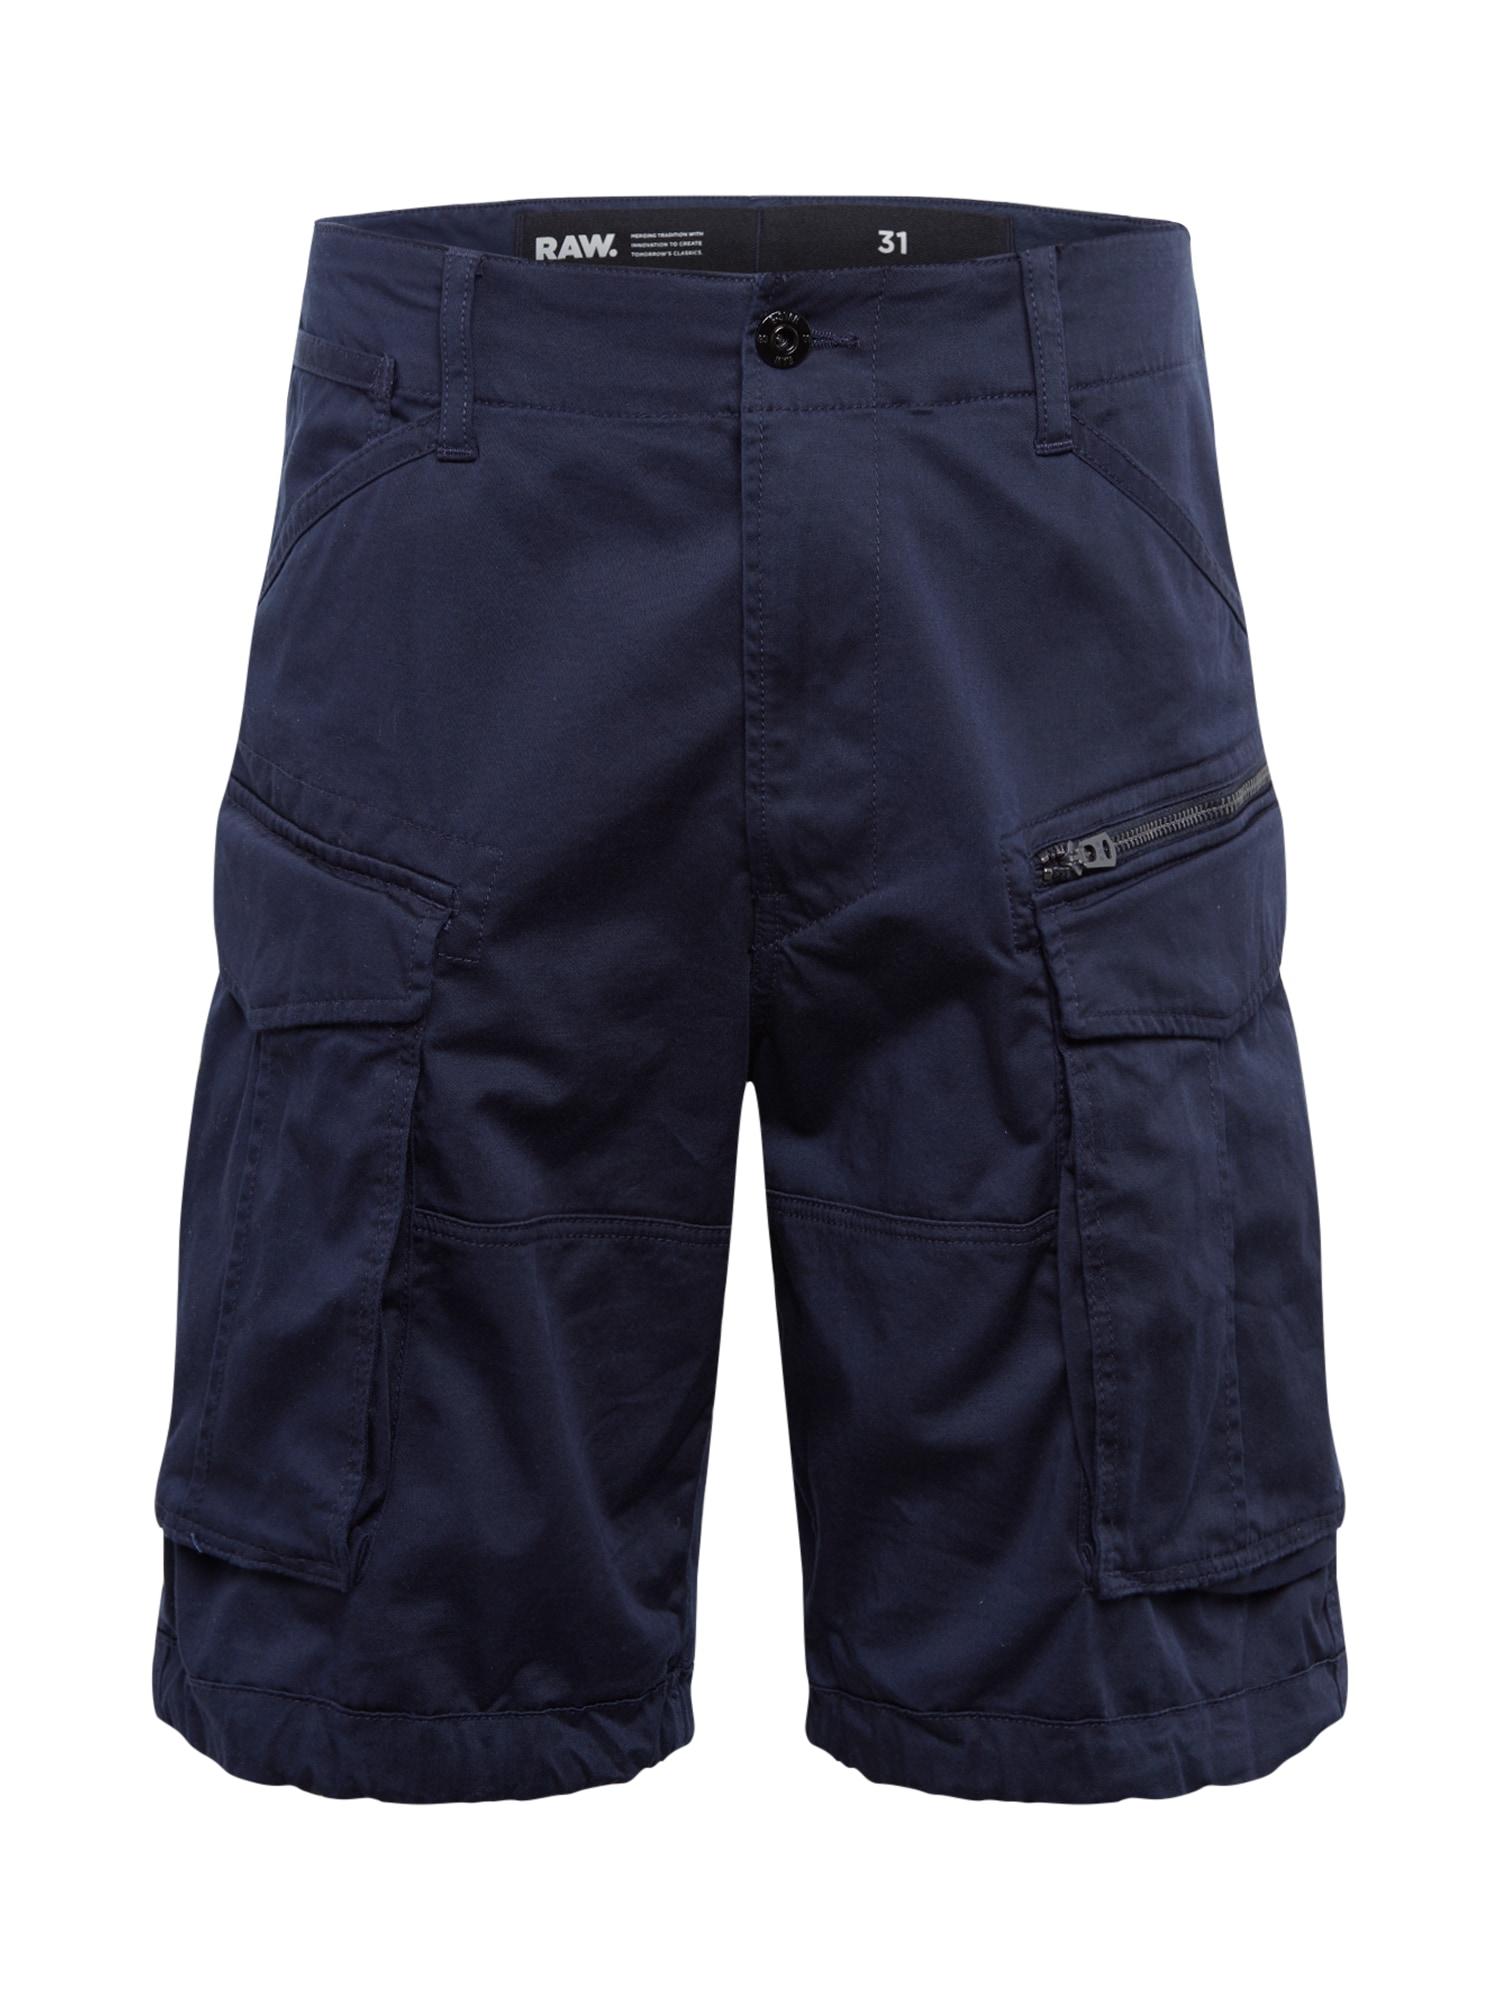 G-Star RAW Laisvo stiliaus kelnės 'Rovic' tamsiai mėlyna